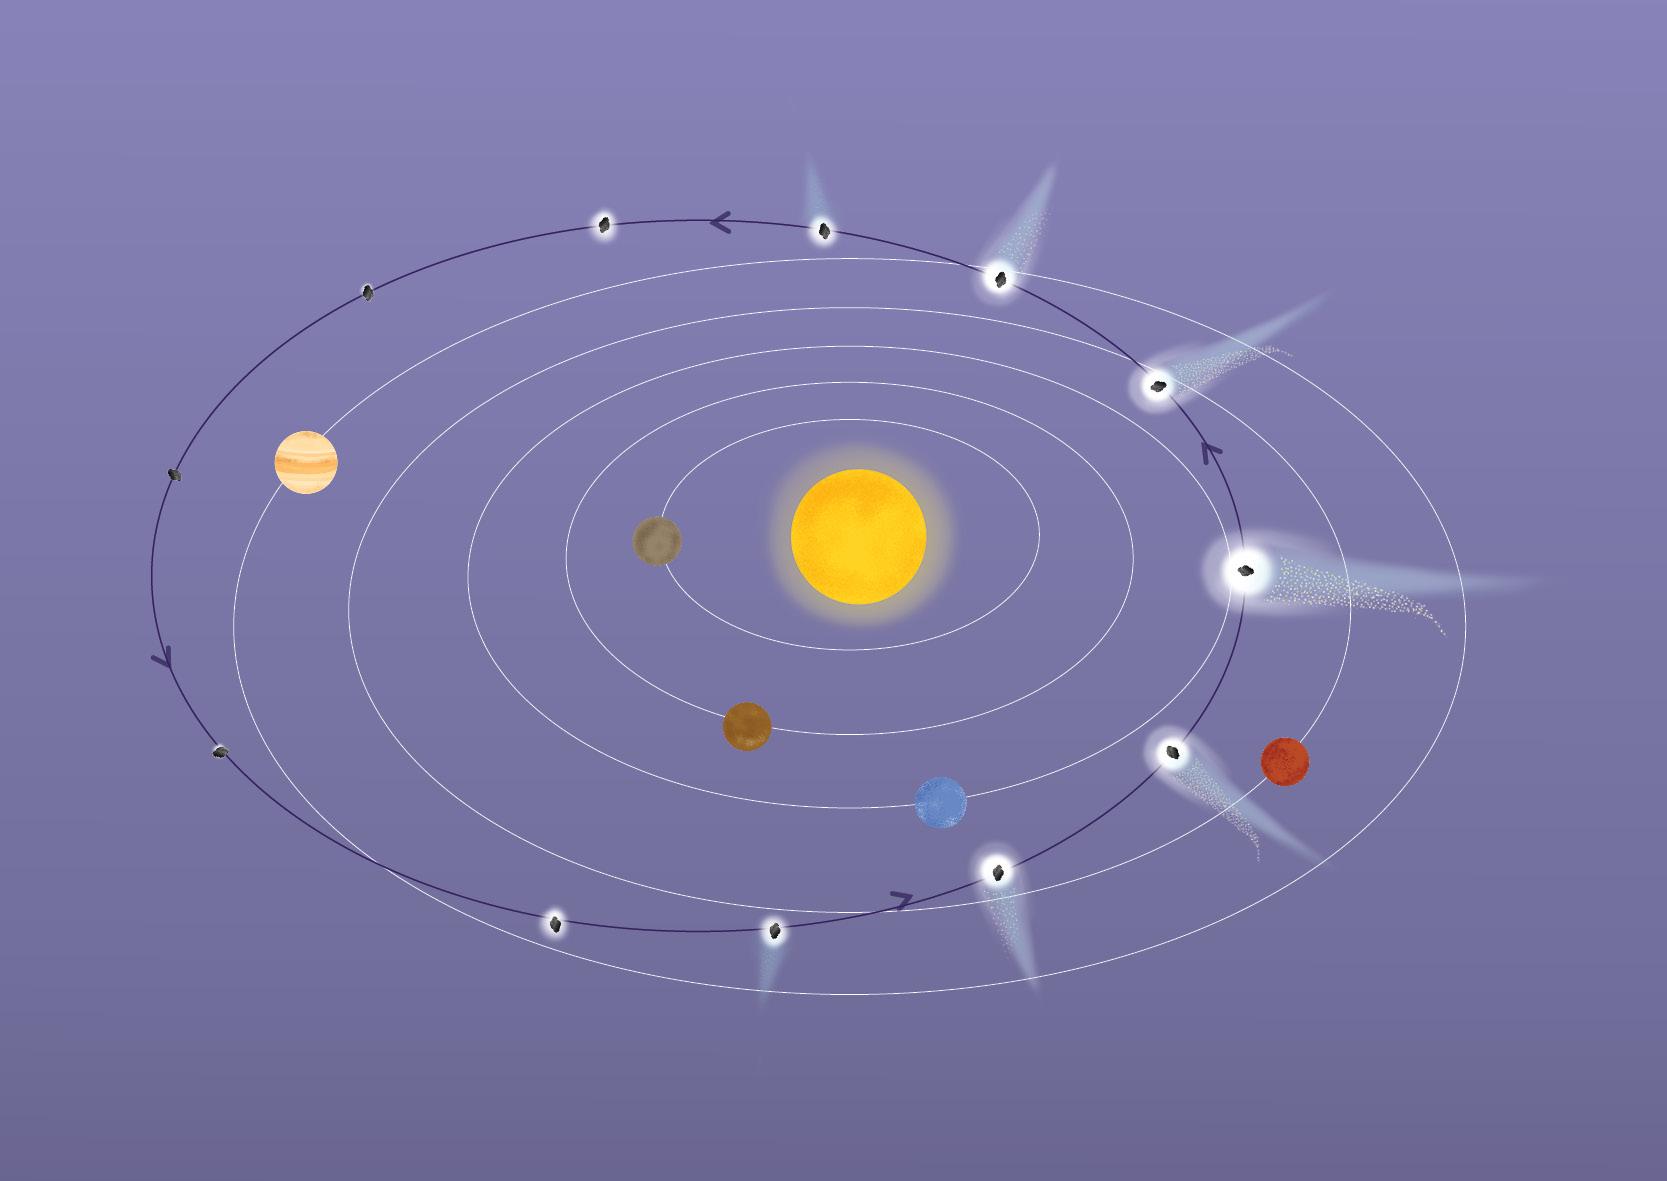 1567216092401-ESA_Rosetta_67P_orbit_diagram.jpg